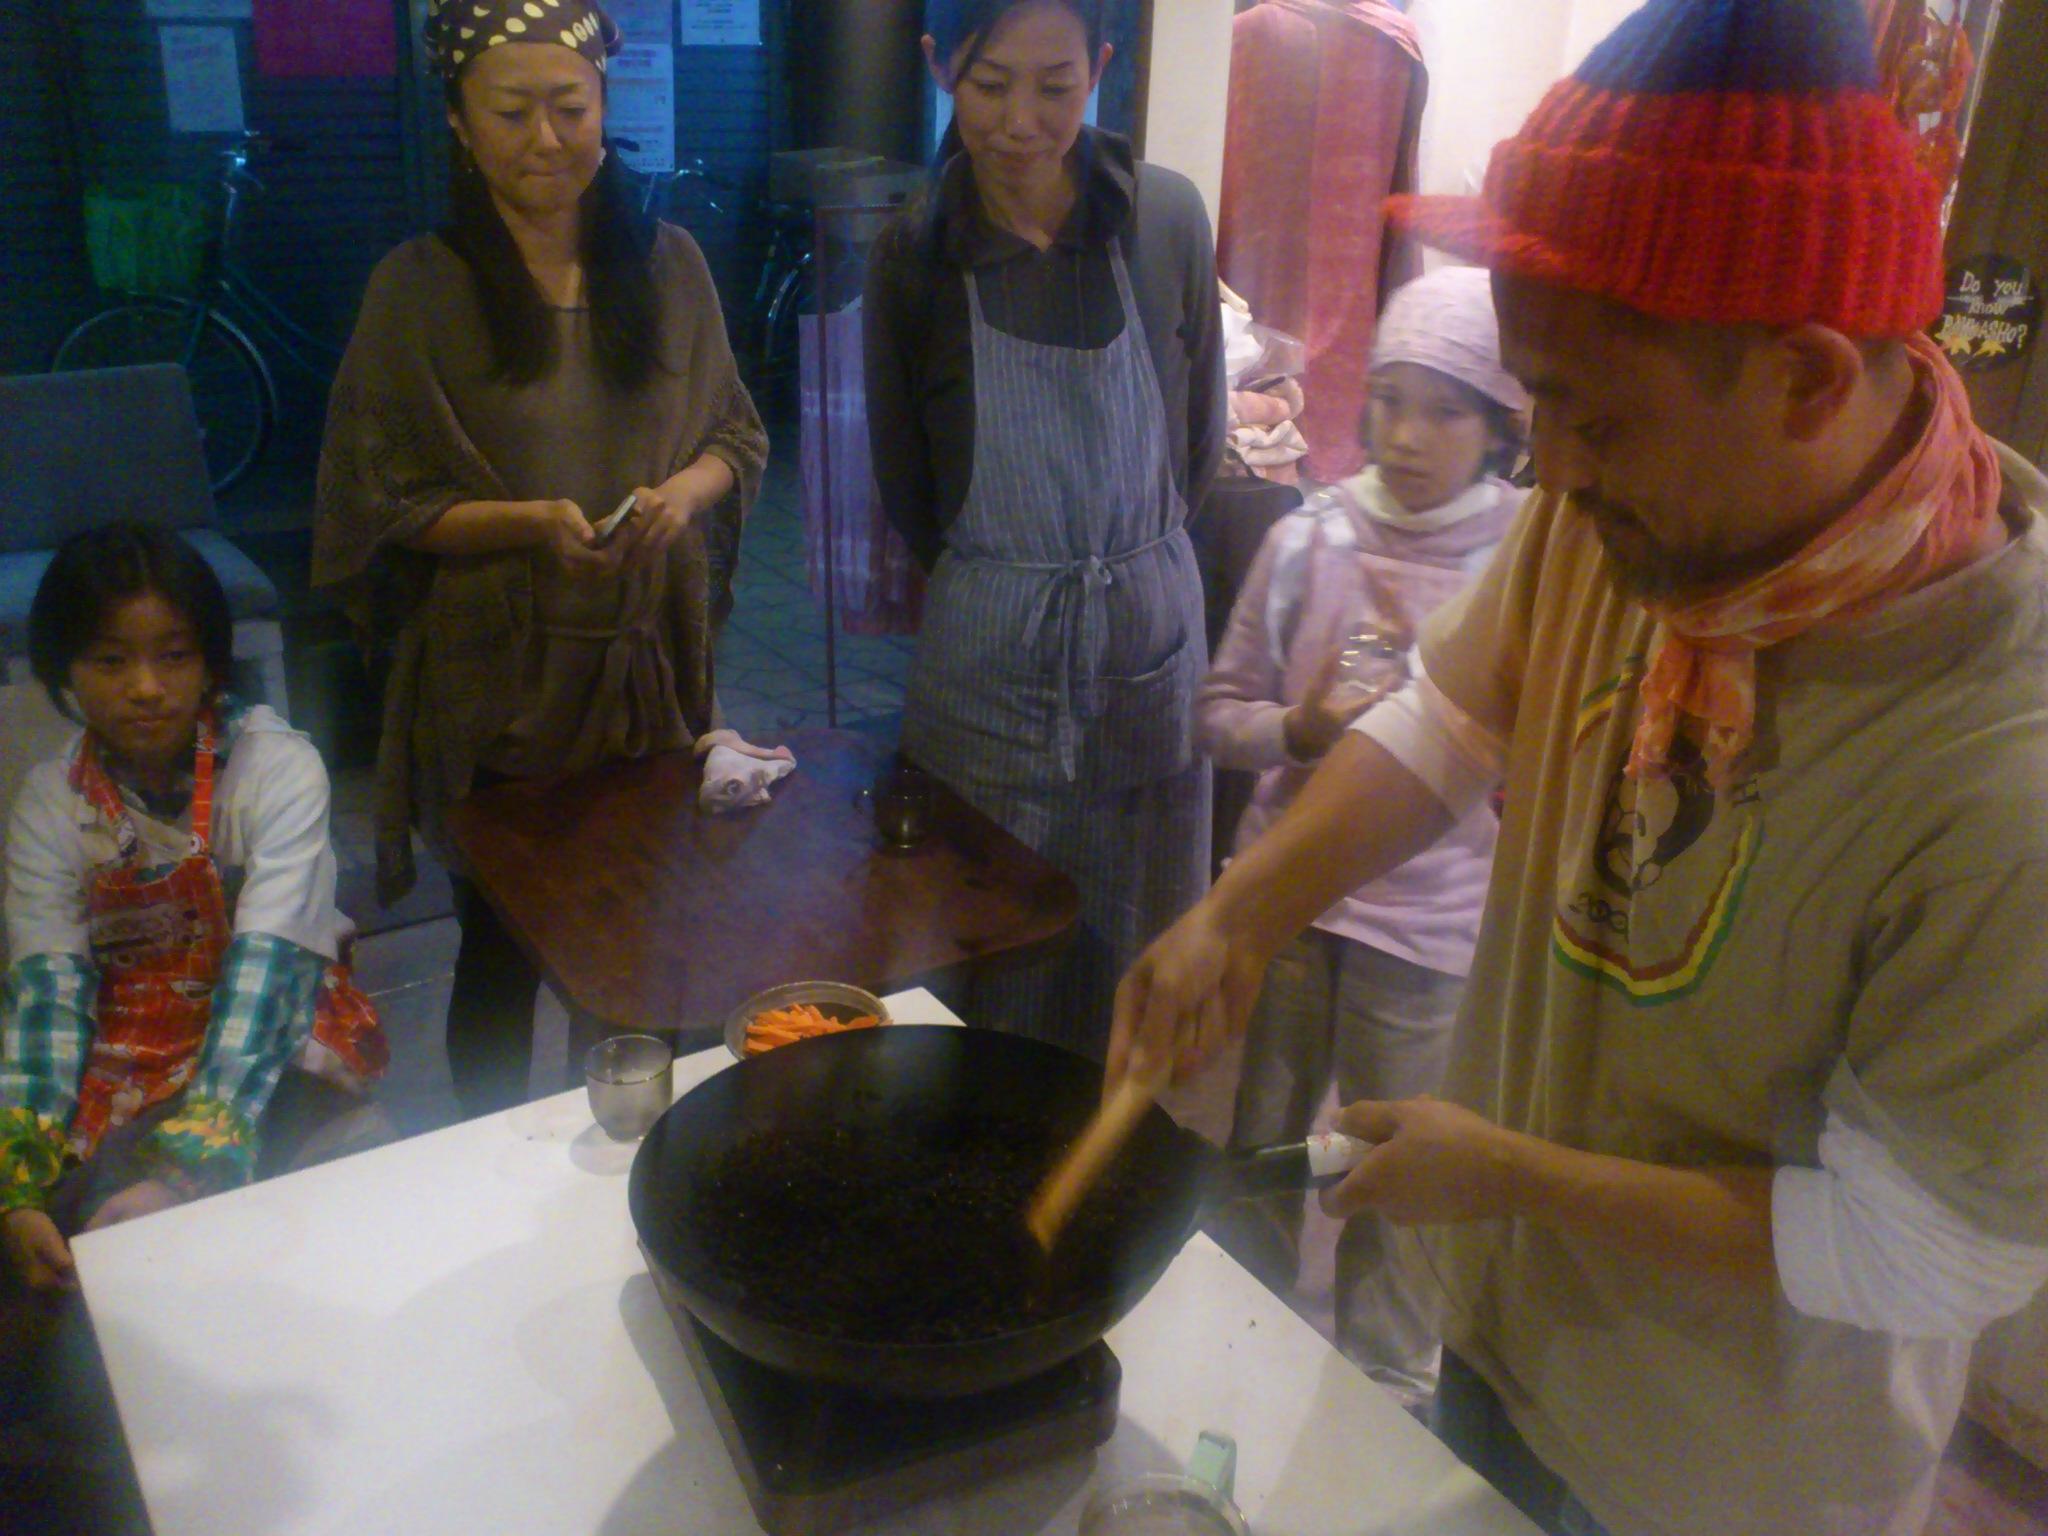 鉄火味噌作り@冨貴工房。奈良さんのリディムを入れて仕上がり◎